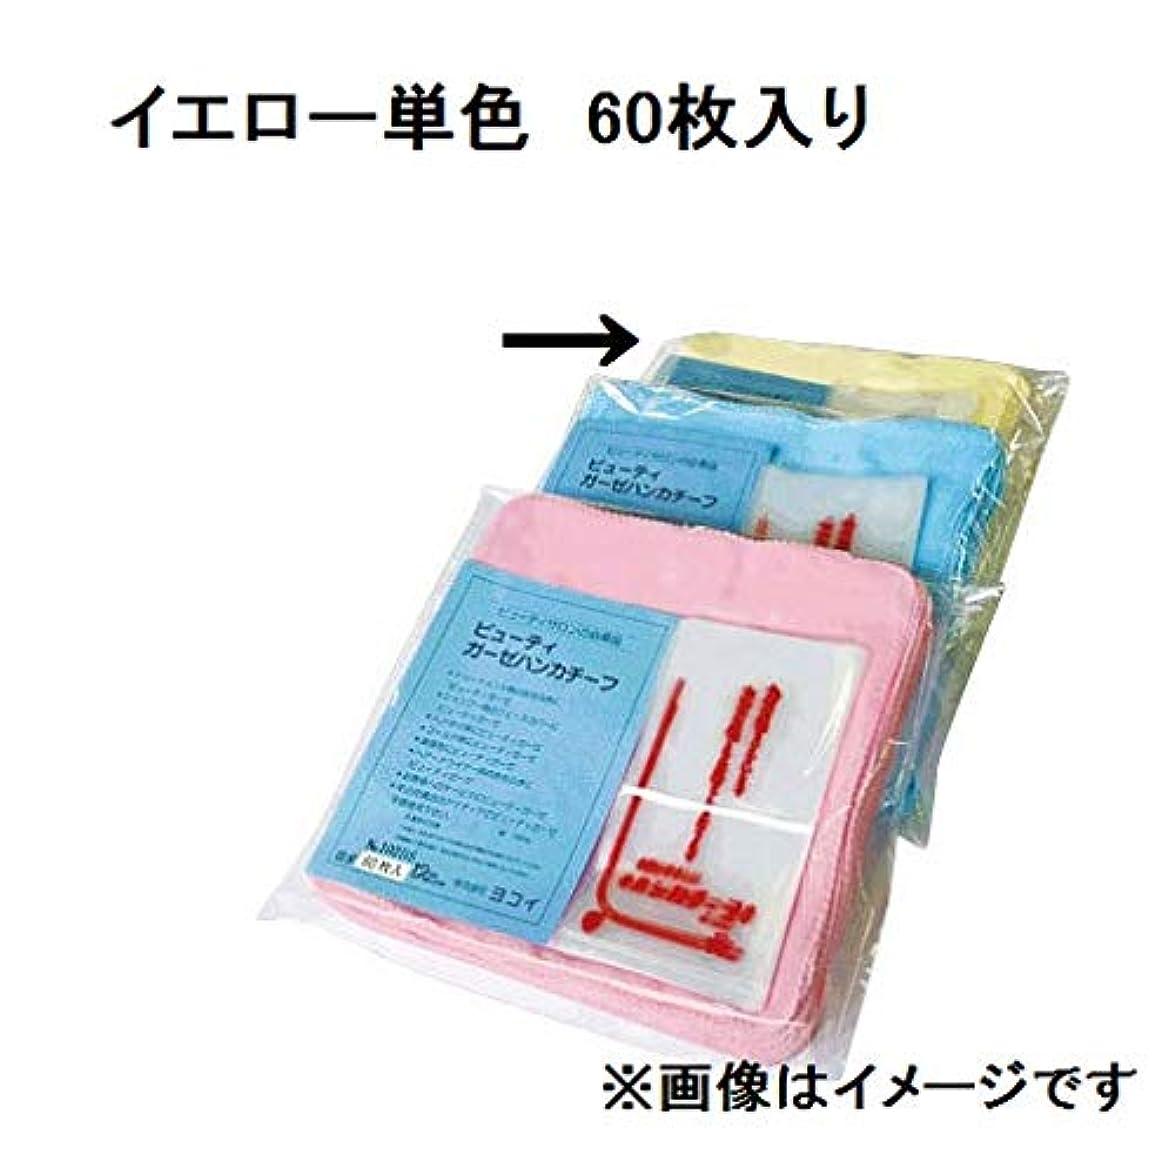 差別化する積分書店ミリオン 102BS カラーガーゼ ハンカチ 単色 5ダース 60枚入 (イエロー)